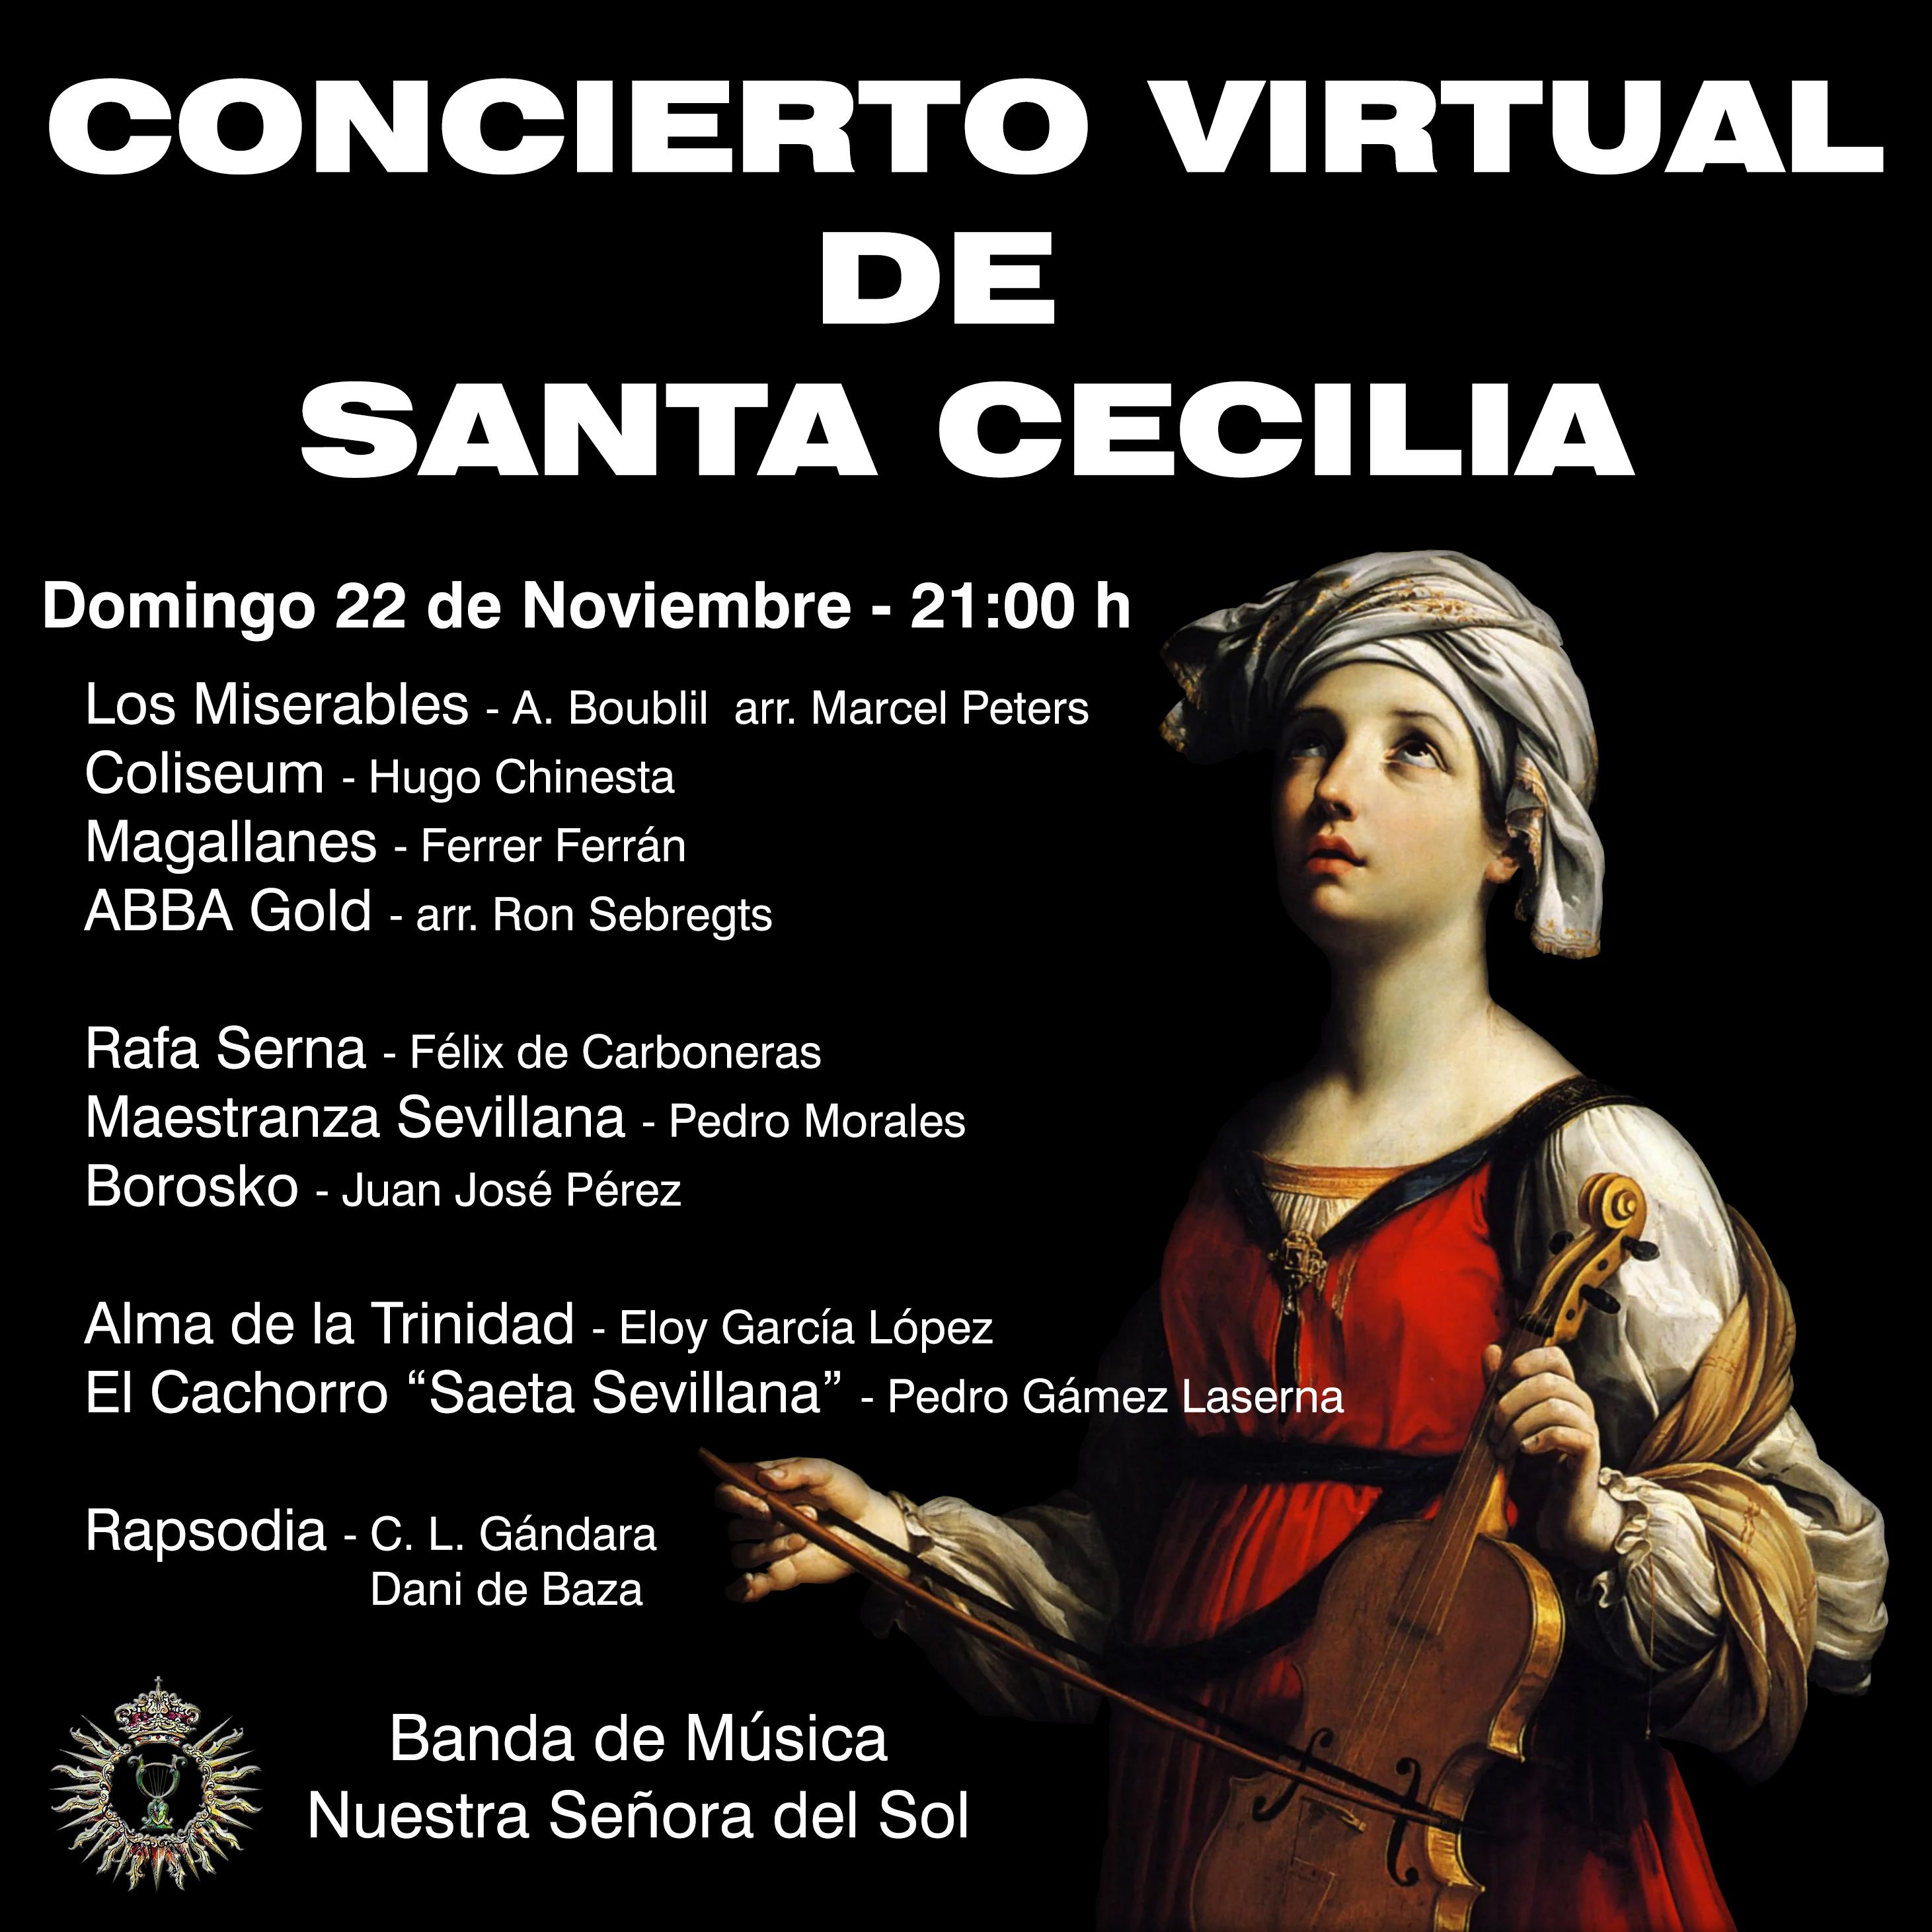 Concierto Virtual de Santa Cecilia 2020